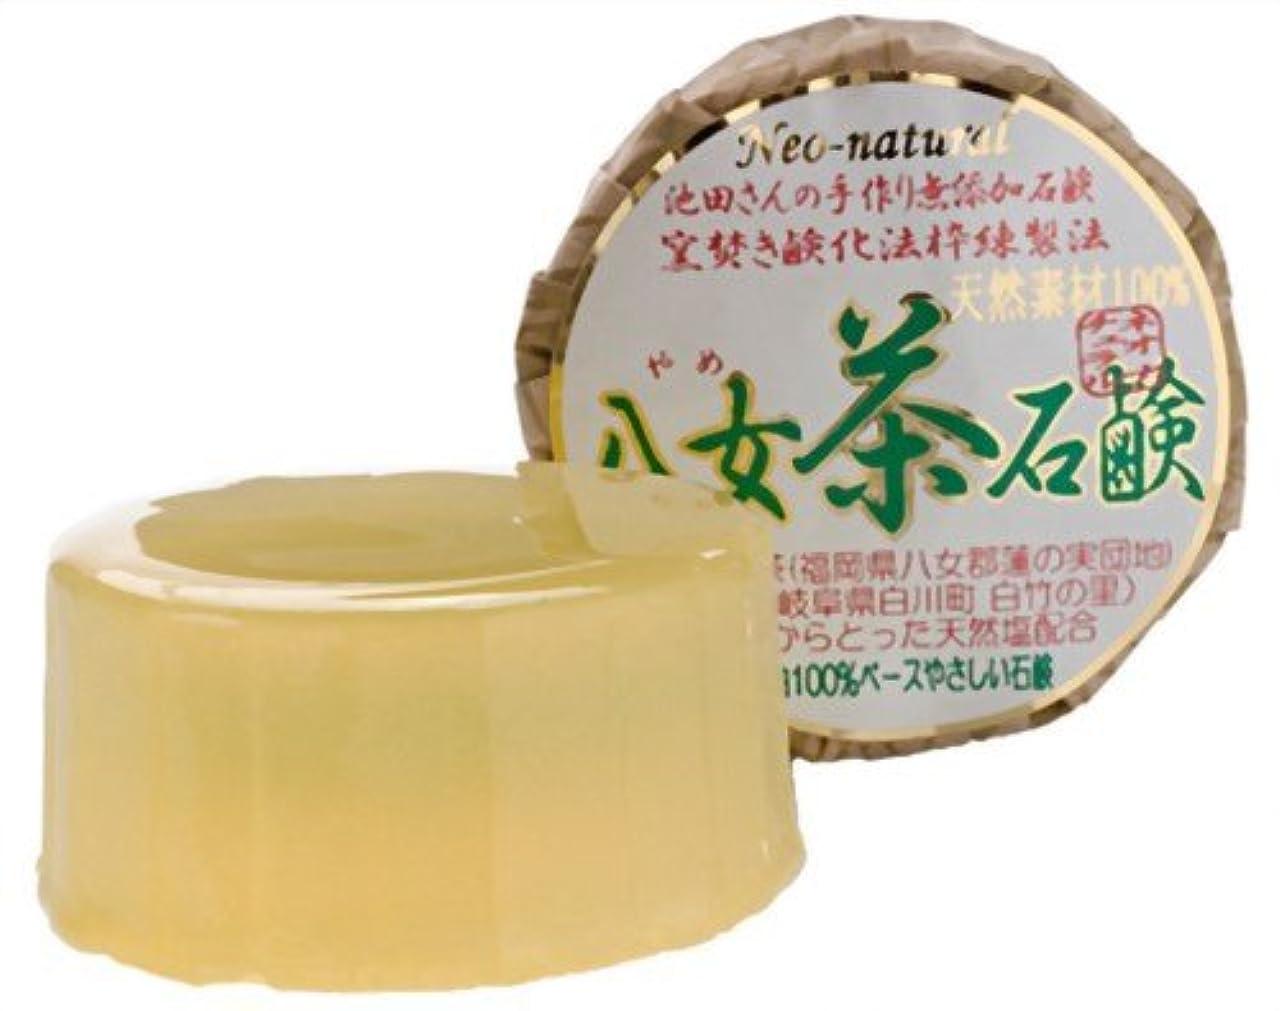 我慢する湿原形状ネオナチュラル 池田さんの八女茶石鹸 80g